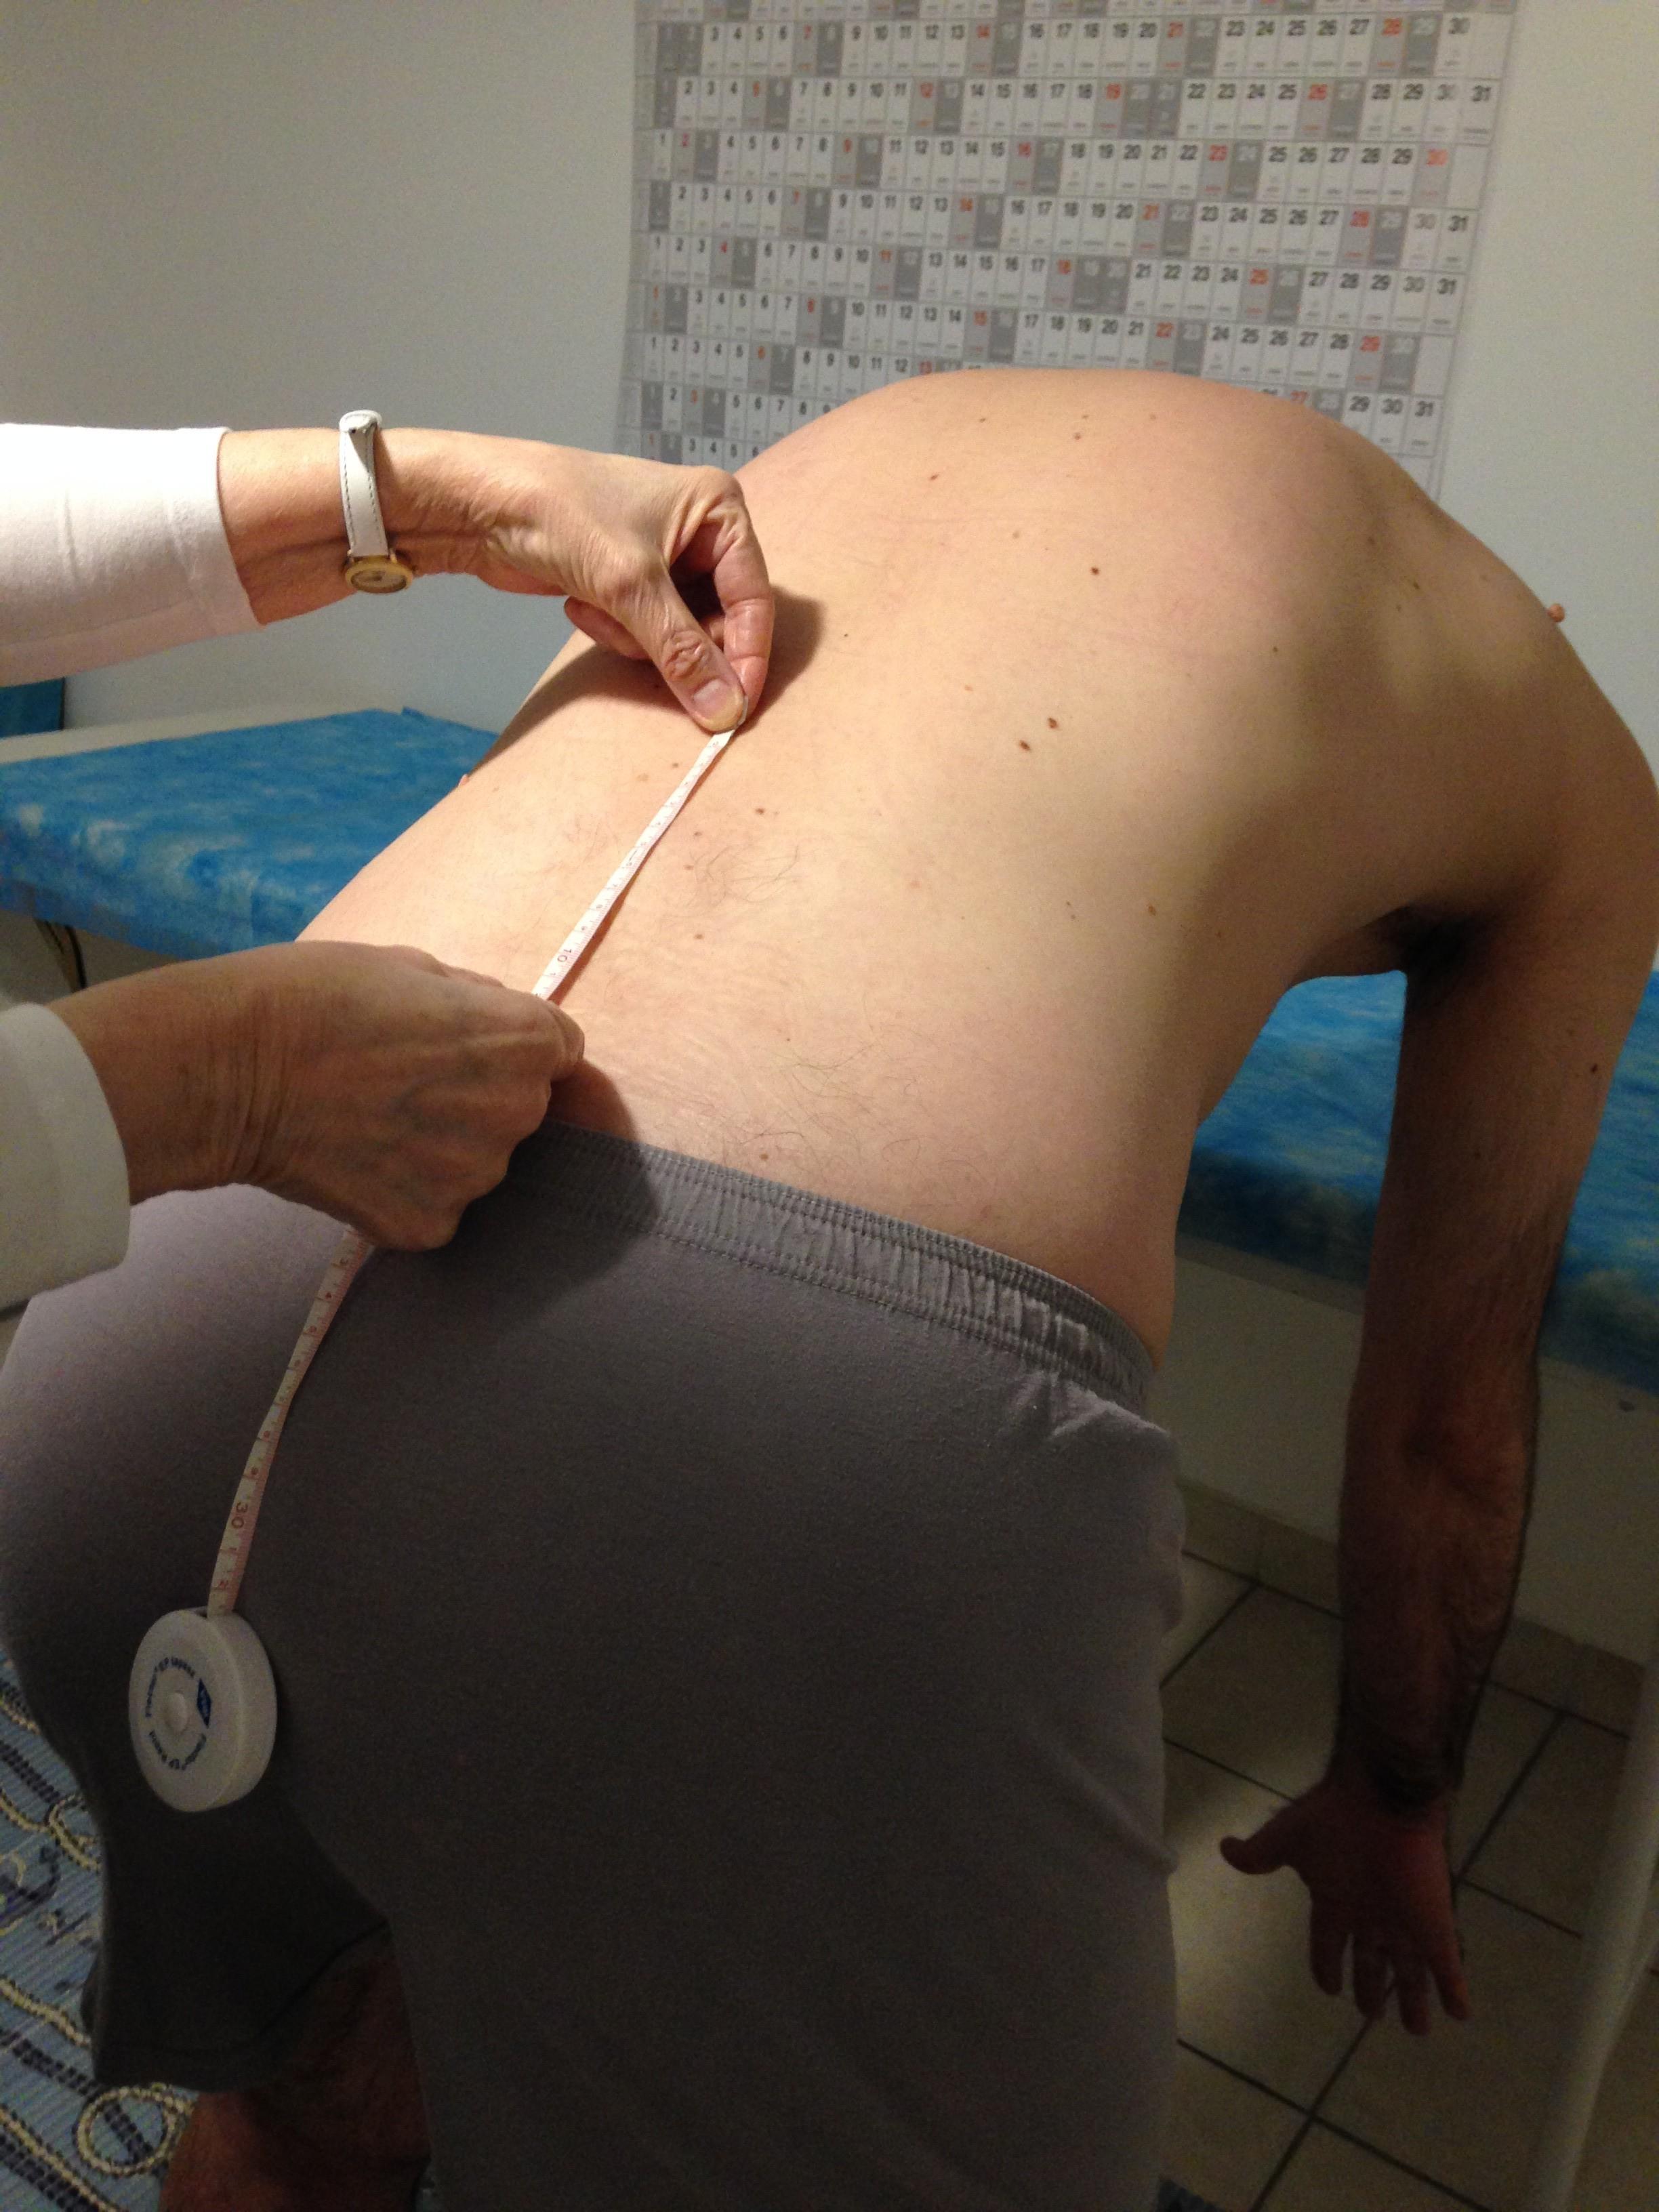 gerinc izületi gyulladás)